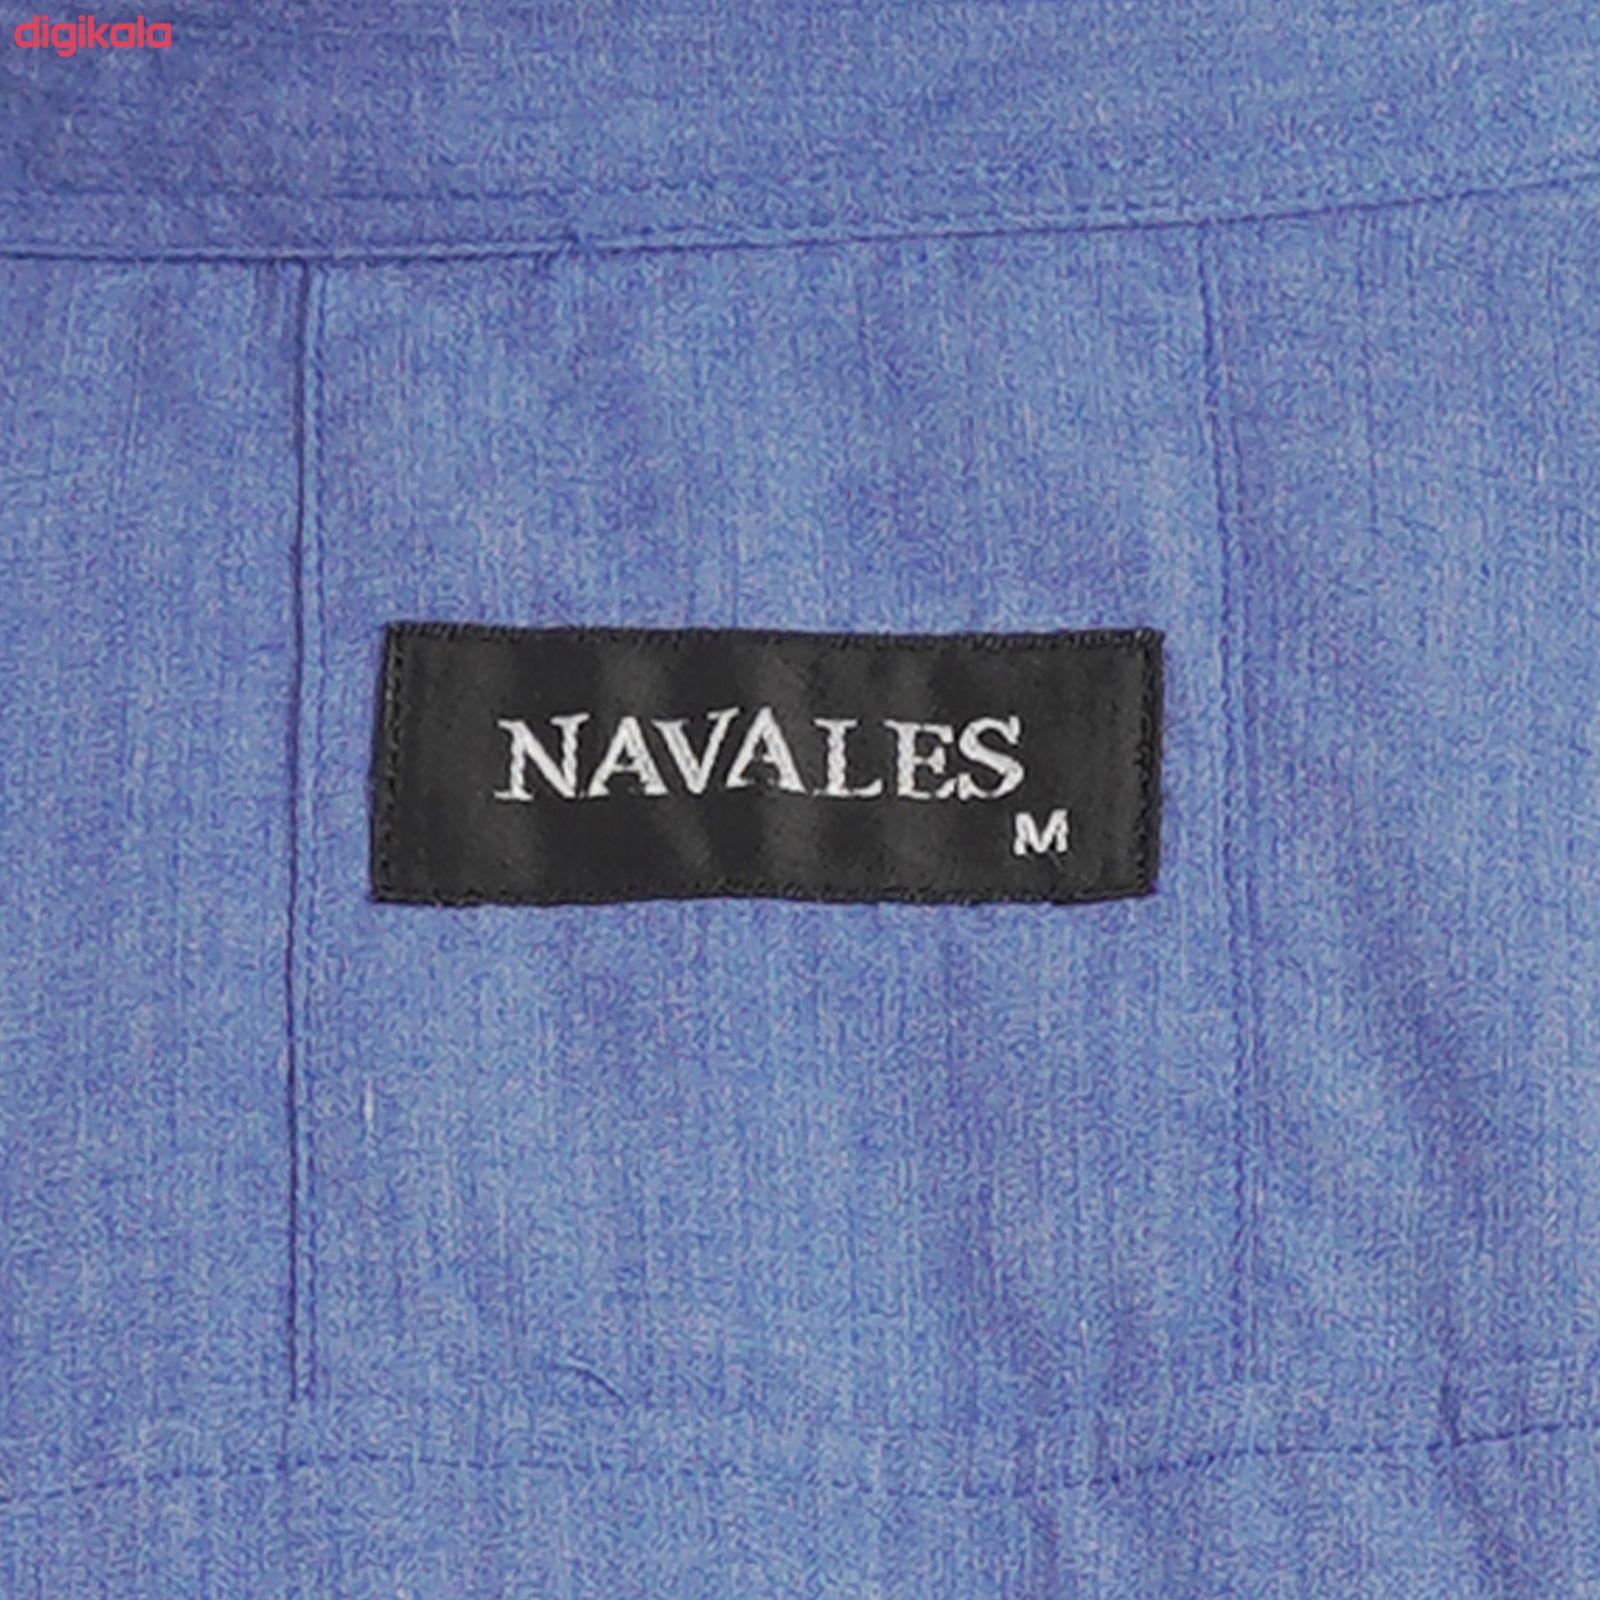 پیراهن آستین بلند مردانه ناوالس مدل MLANZH-BL main 1 5